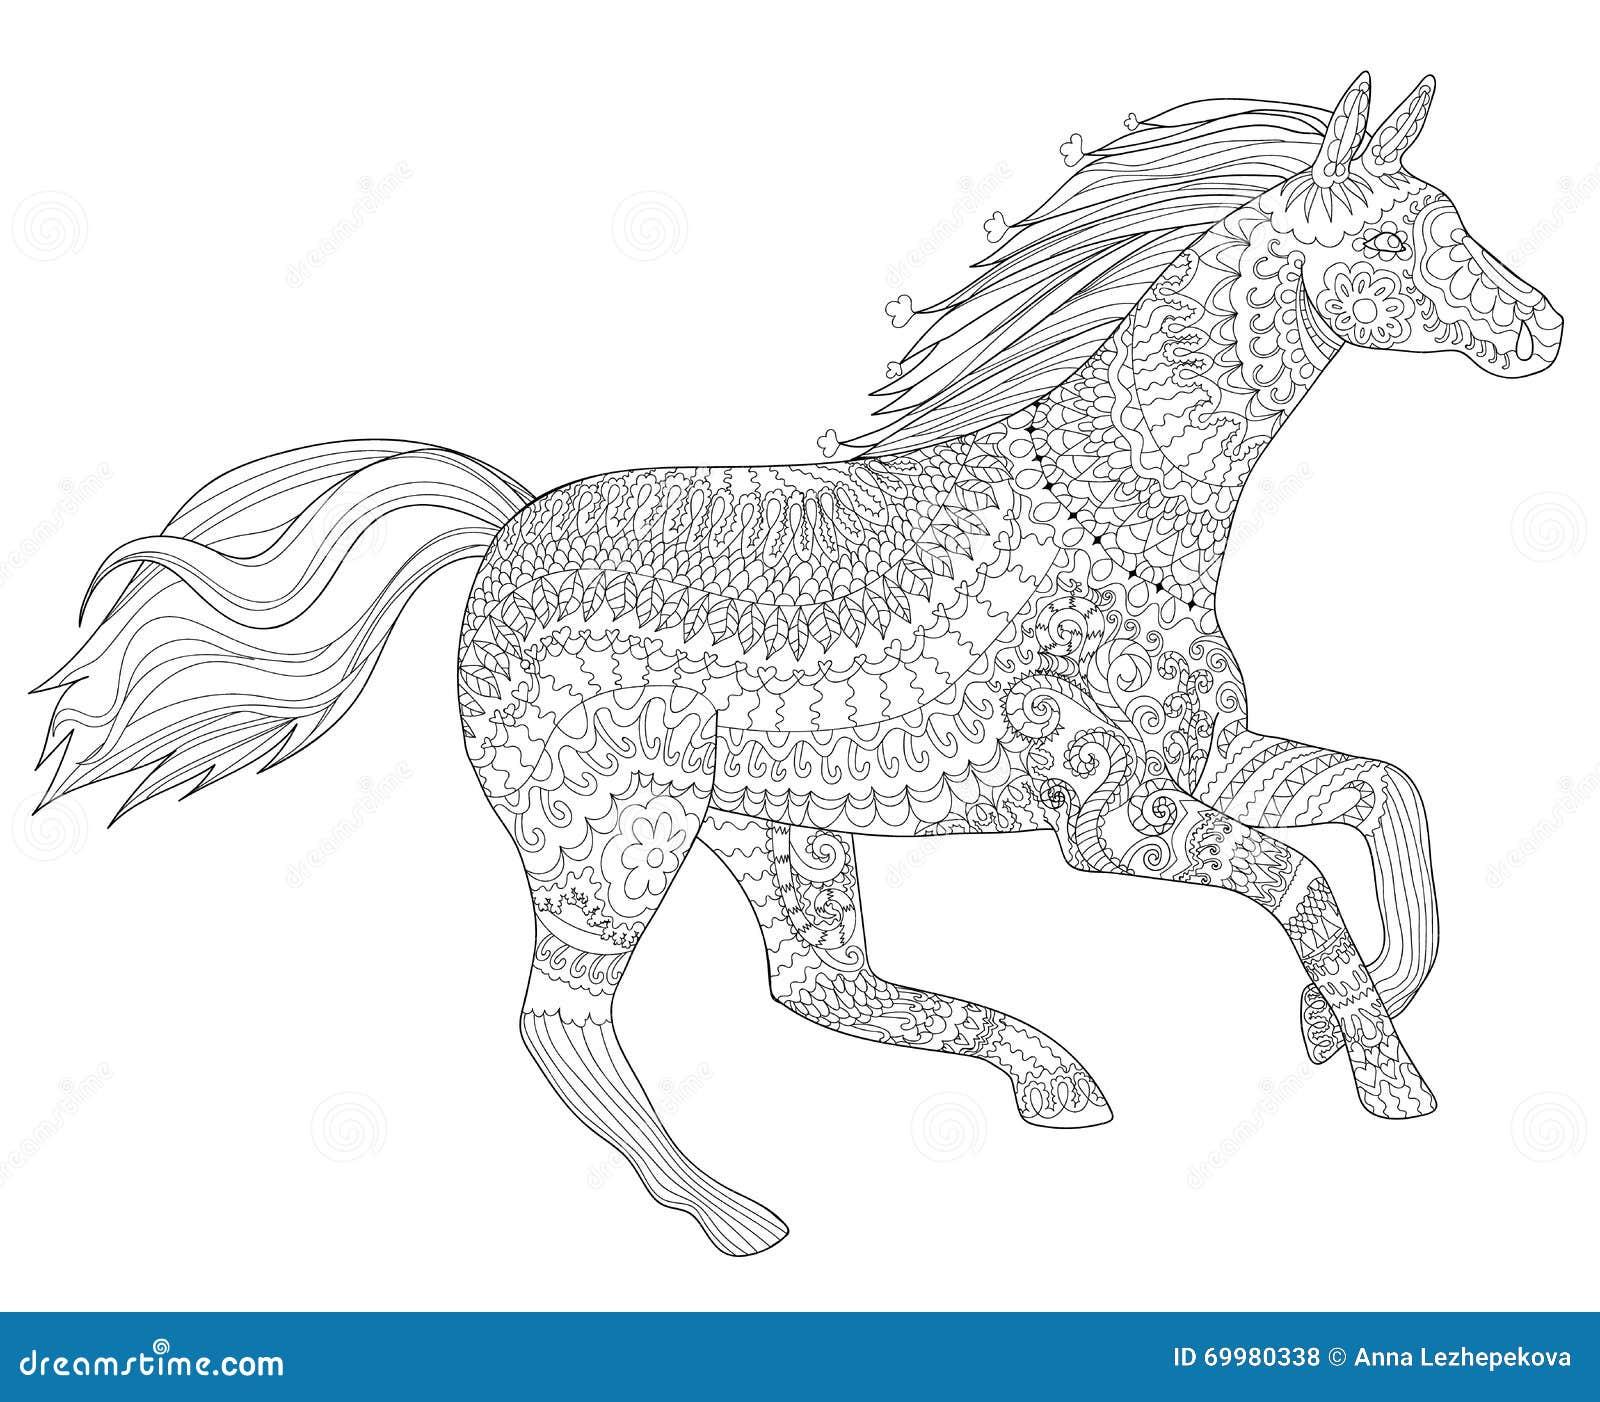 Running Horse In Zentangle Style Stock Vector